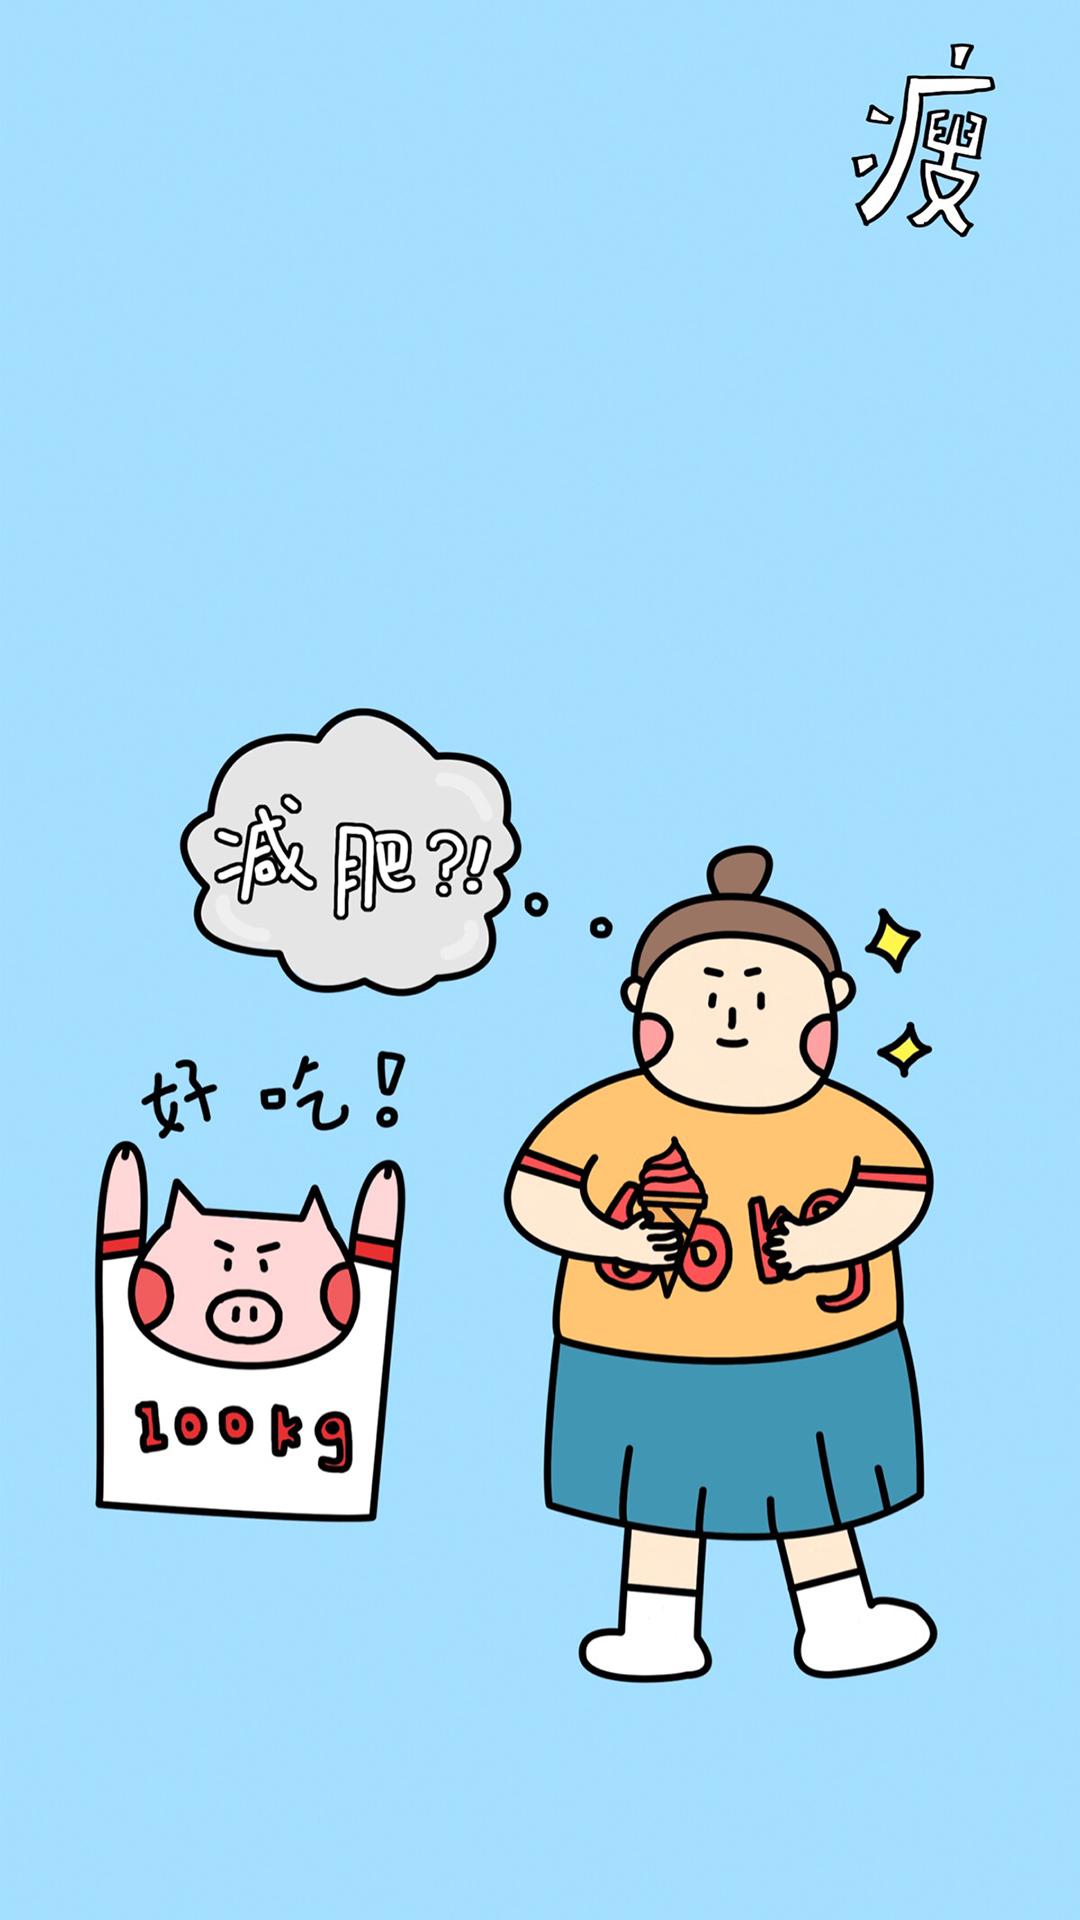 卡通小猪 女孩 减肥 好吃 瘦图片